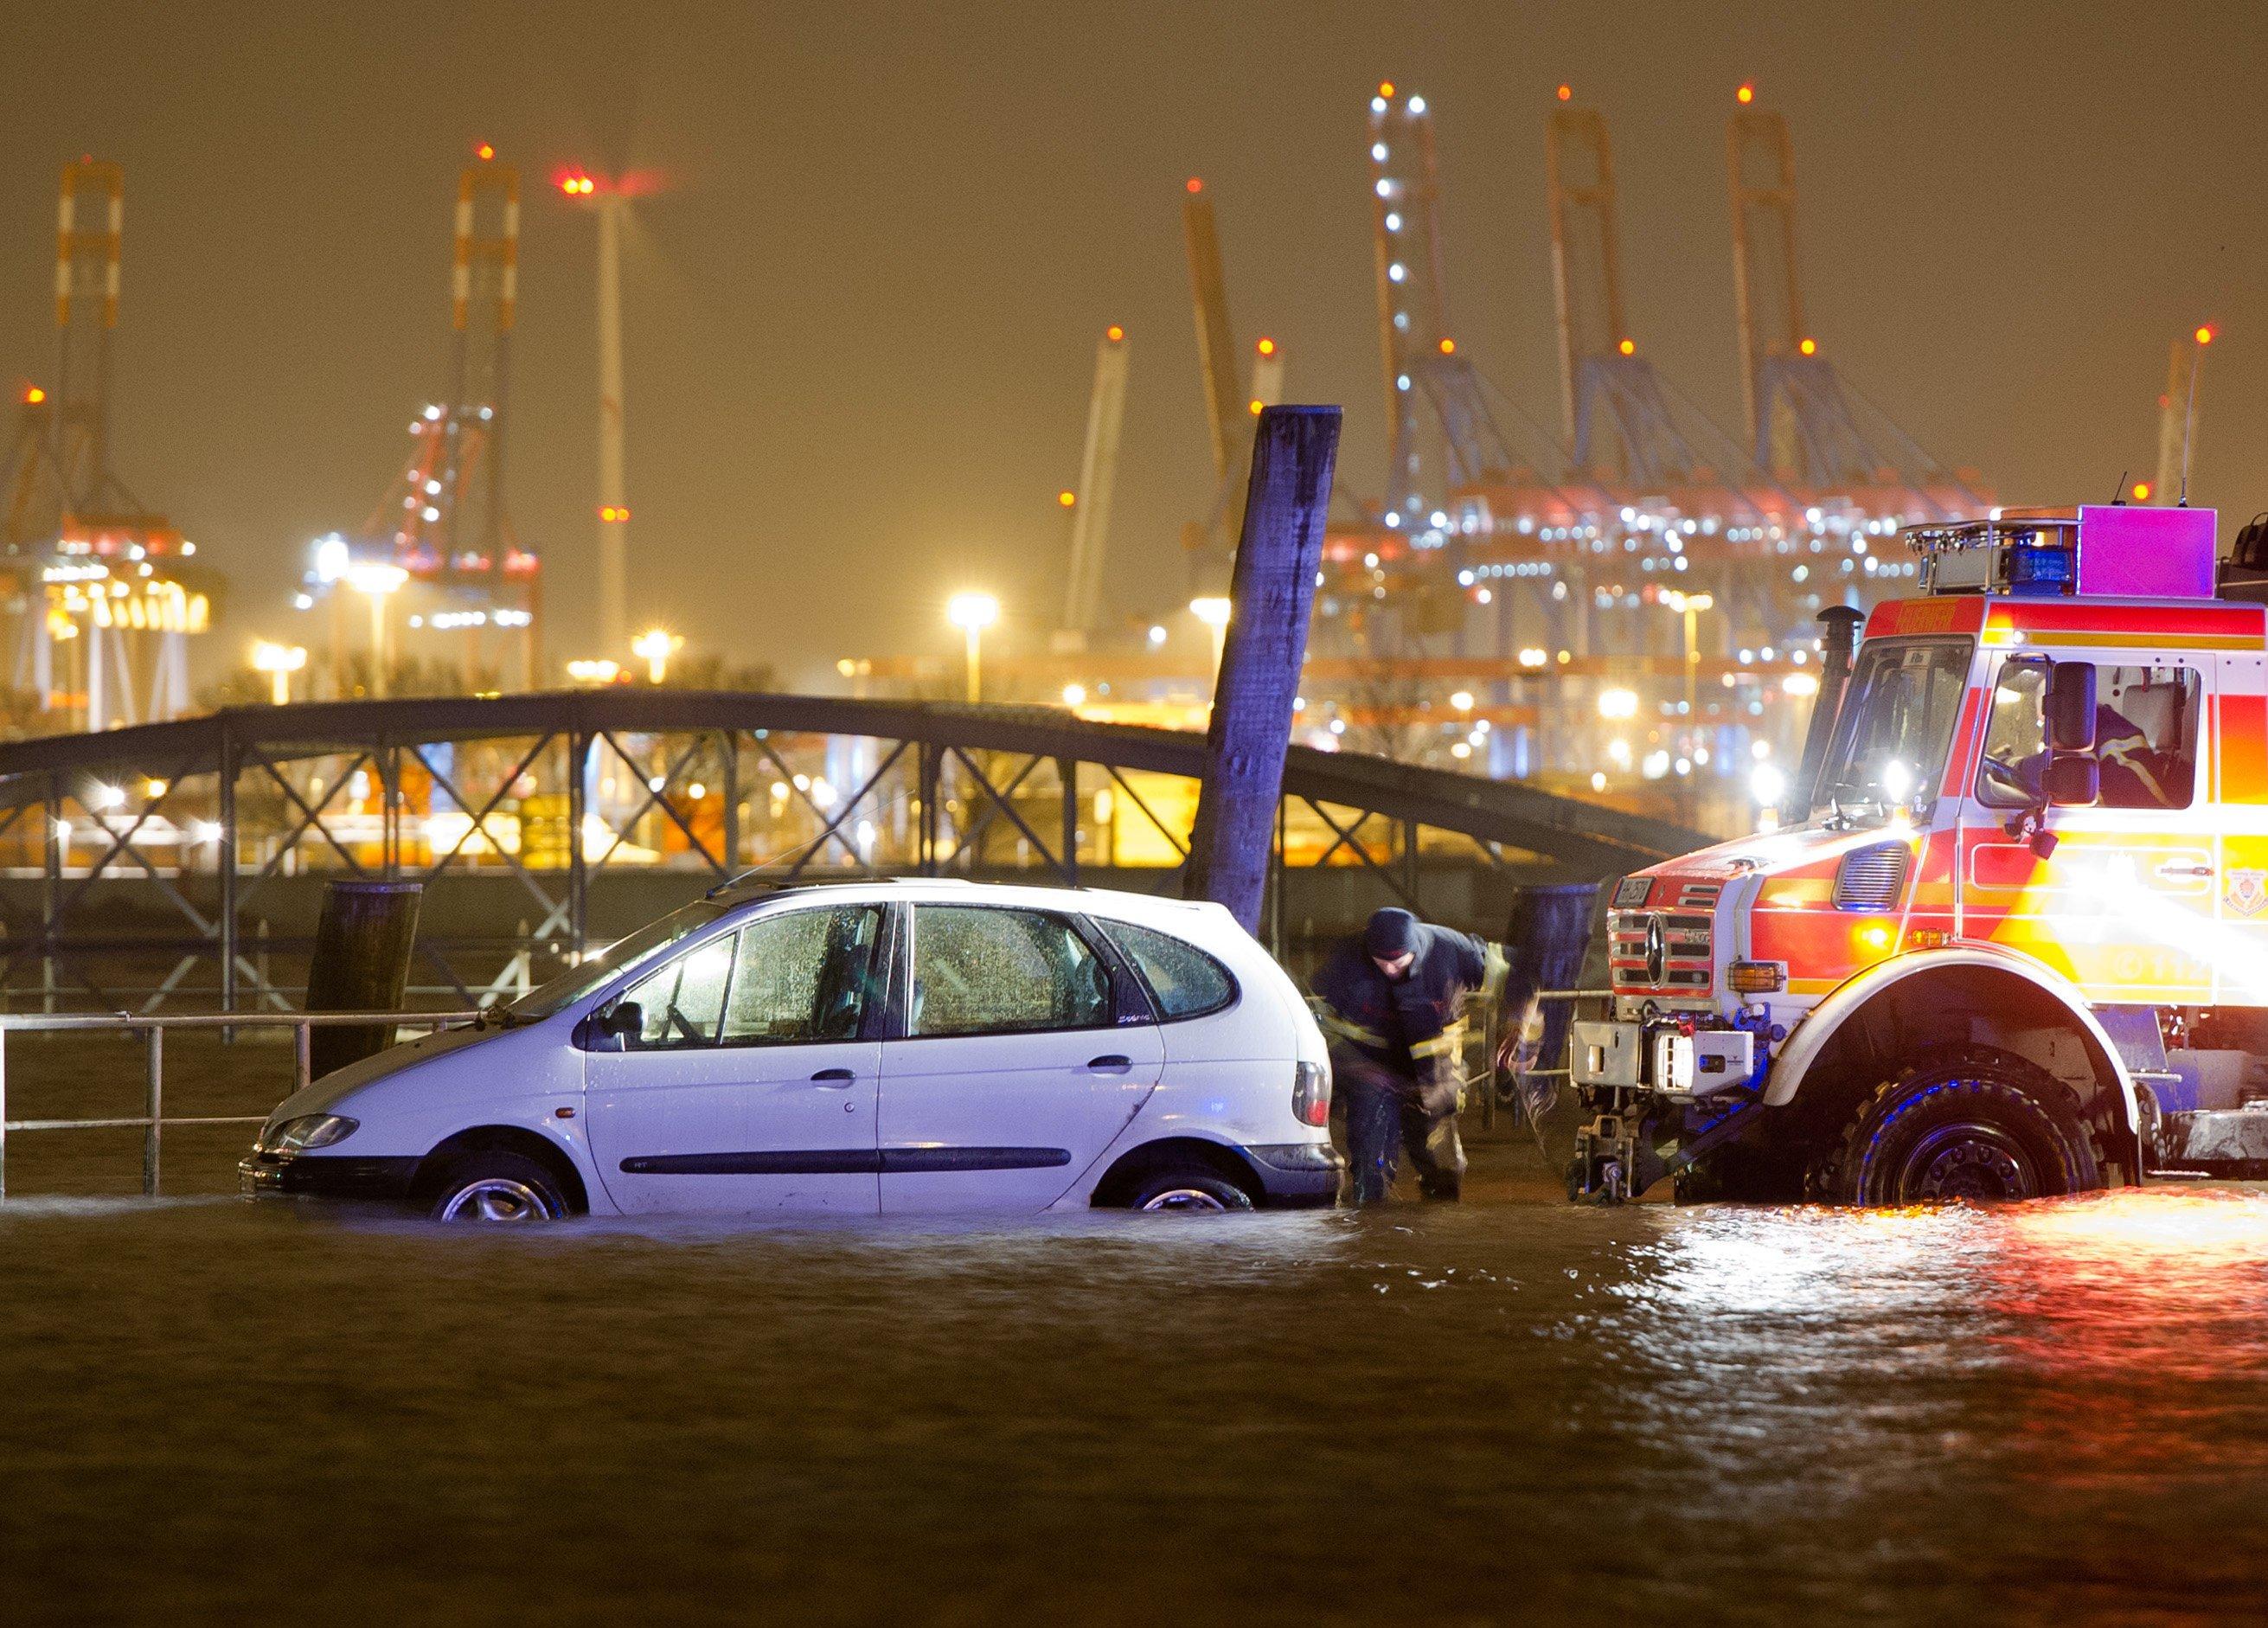 Hochwasser am Fischmarkt in Hamburg Anfang Januar 2015: Forscher desWashingtoner World Resources Instituts sehen in Deutschland knapp 80.000 Menschen als vom Hochwasser bedroht an.